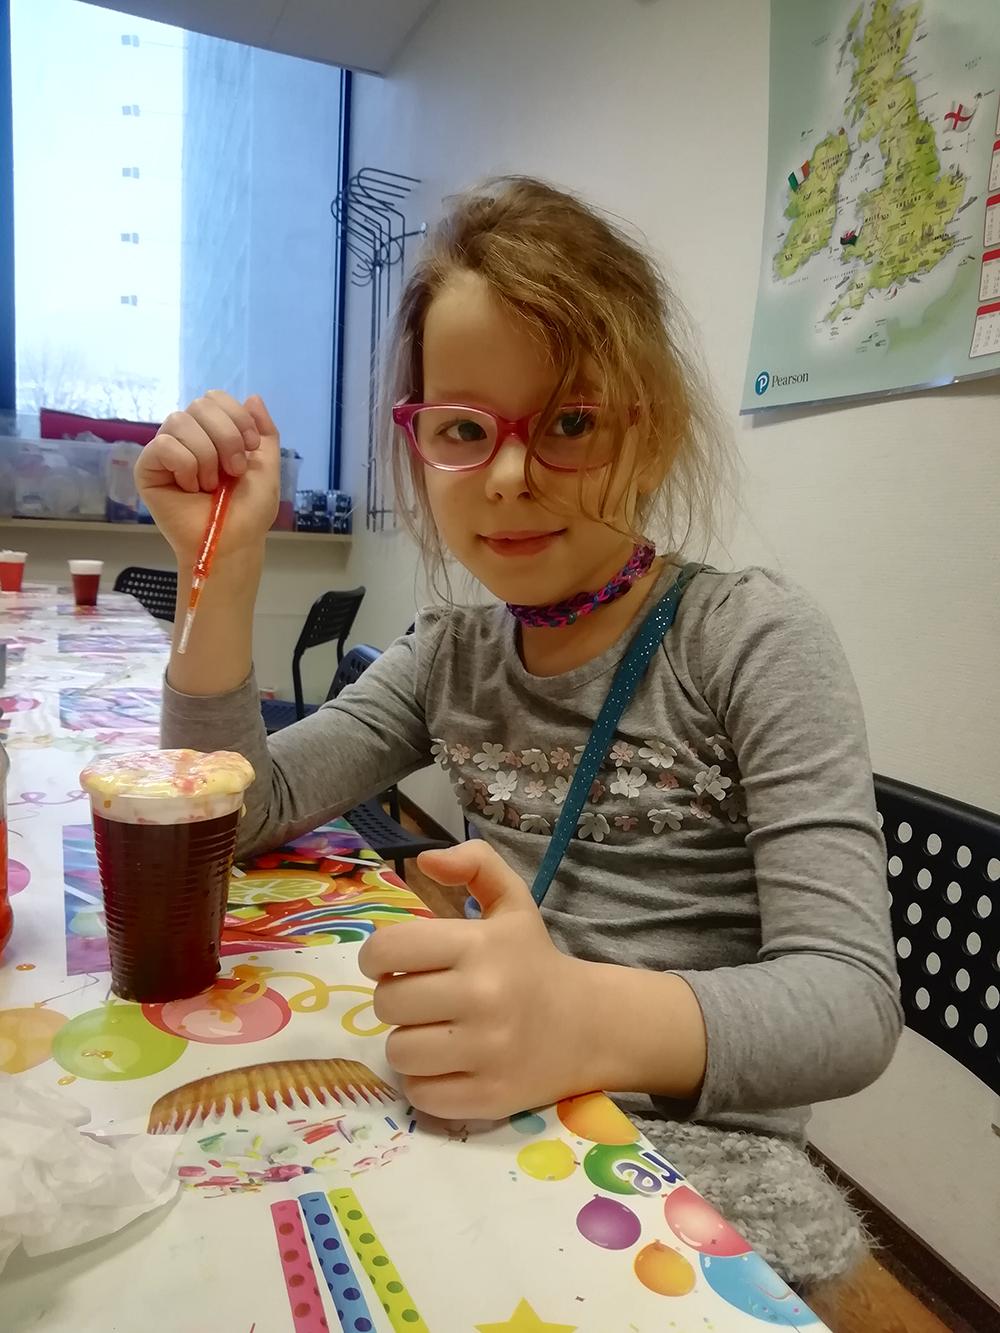 angielski dla dzieci warszawa archibald kids polkolonie ferie jezykowe